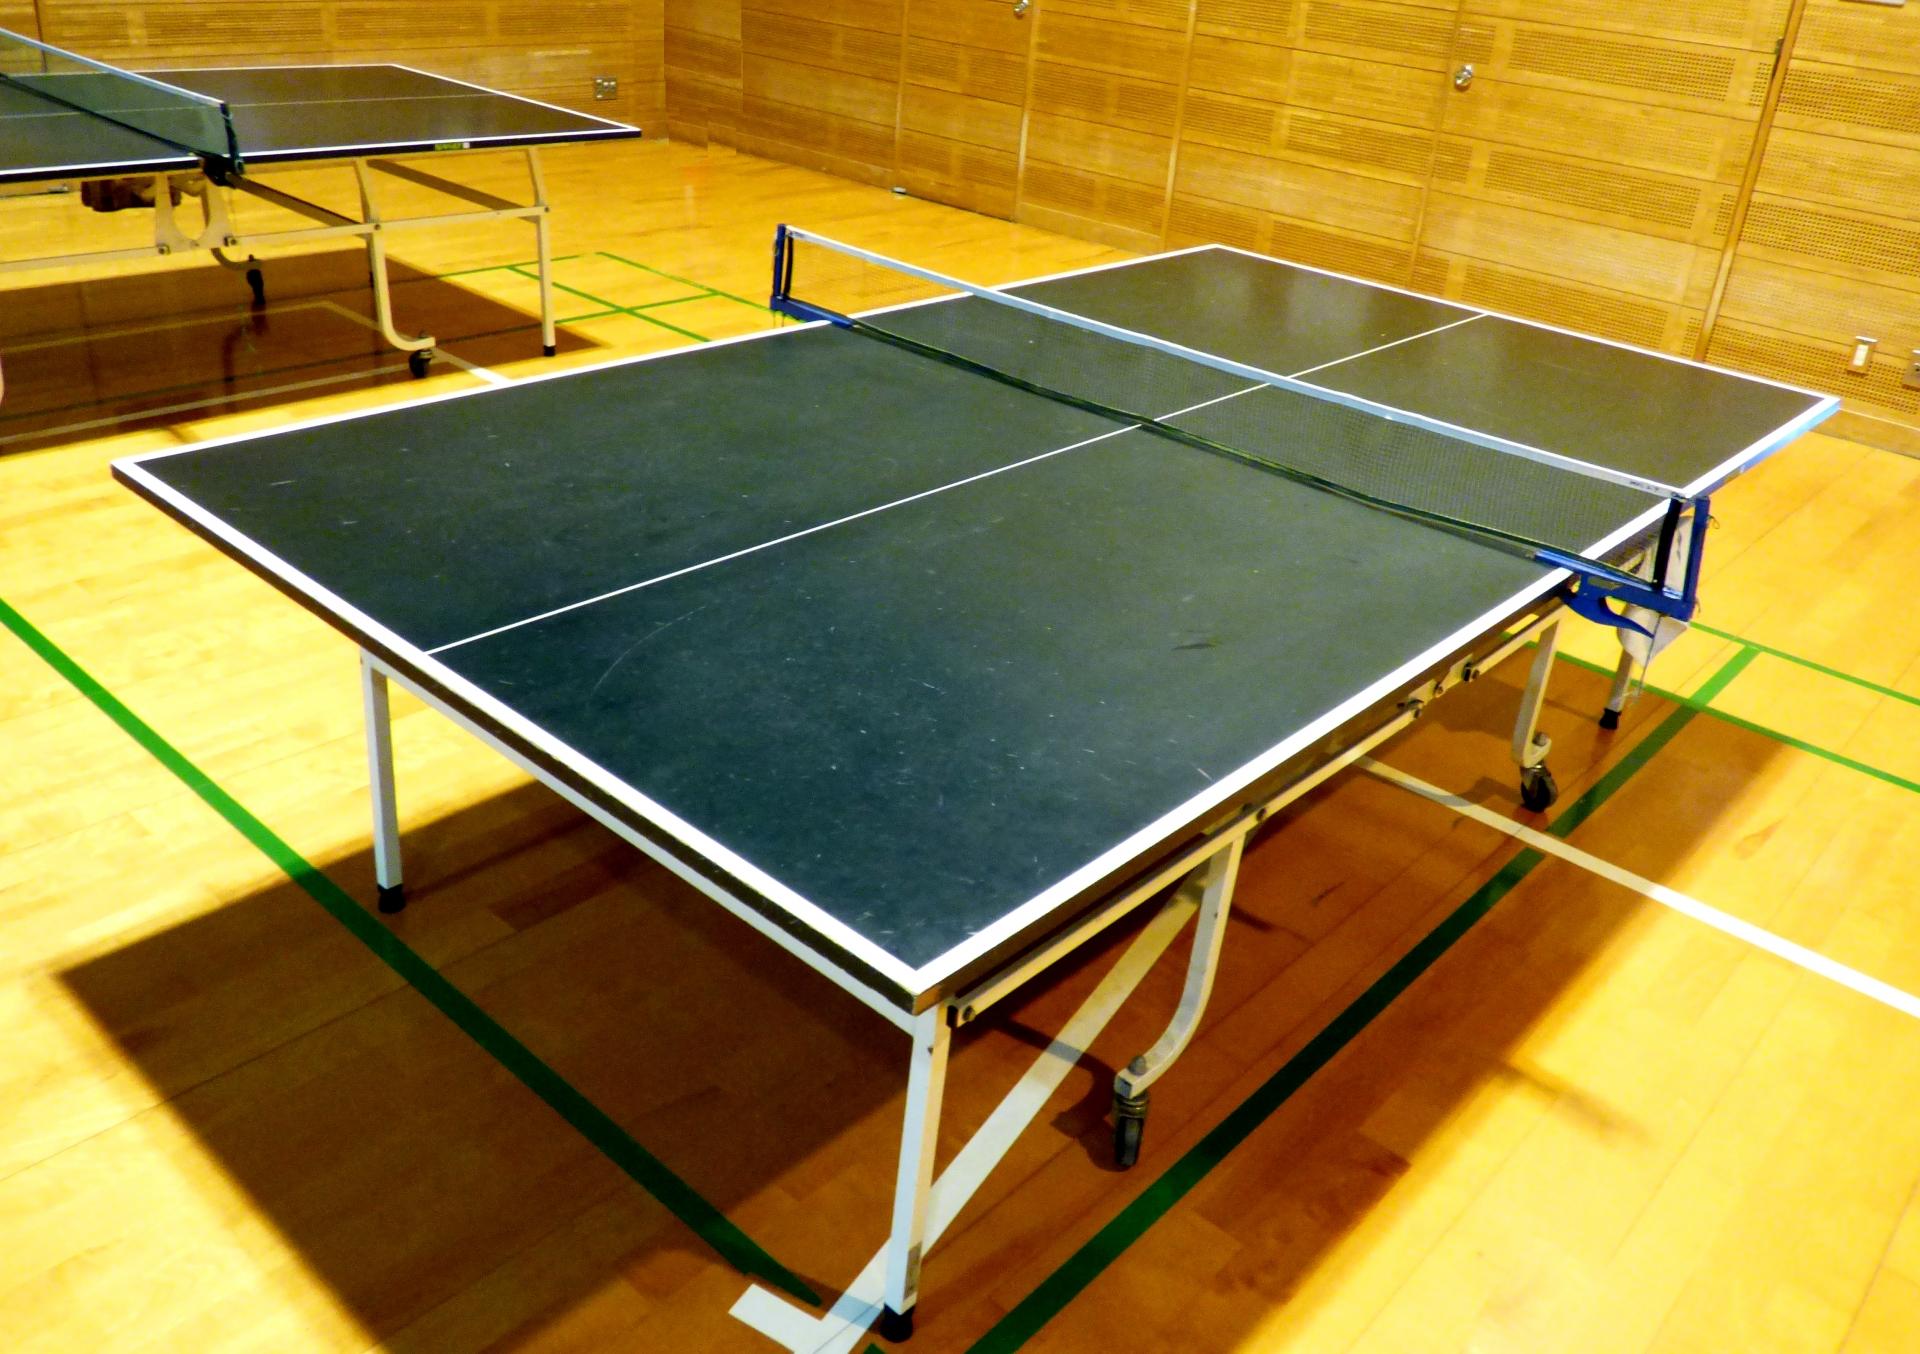 卓球のラリー練習の基本!なるべく長く続けるのがポイント